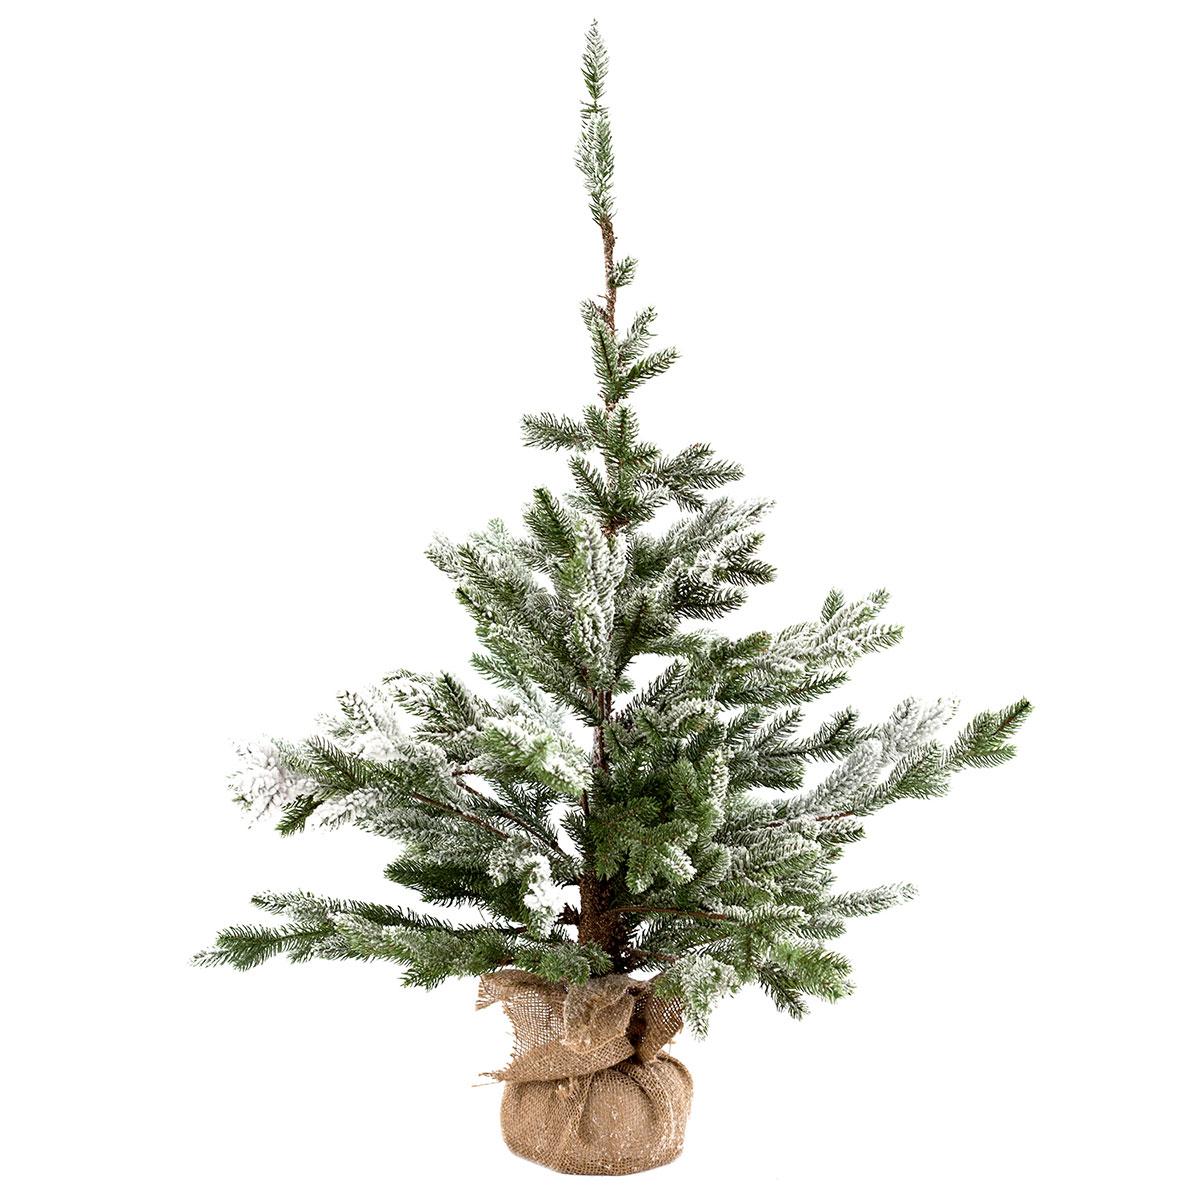 Weihnachtsbaum Tannenbaum.Künstlicher Weihnachtsbaum Tannenbaum Mit Künstlichem Schnee Christbaum